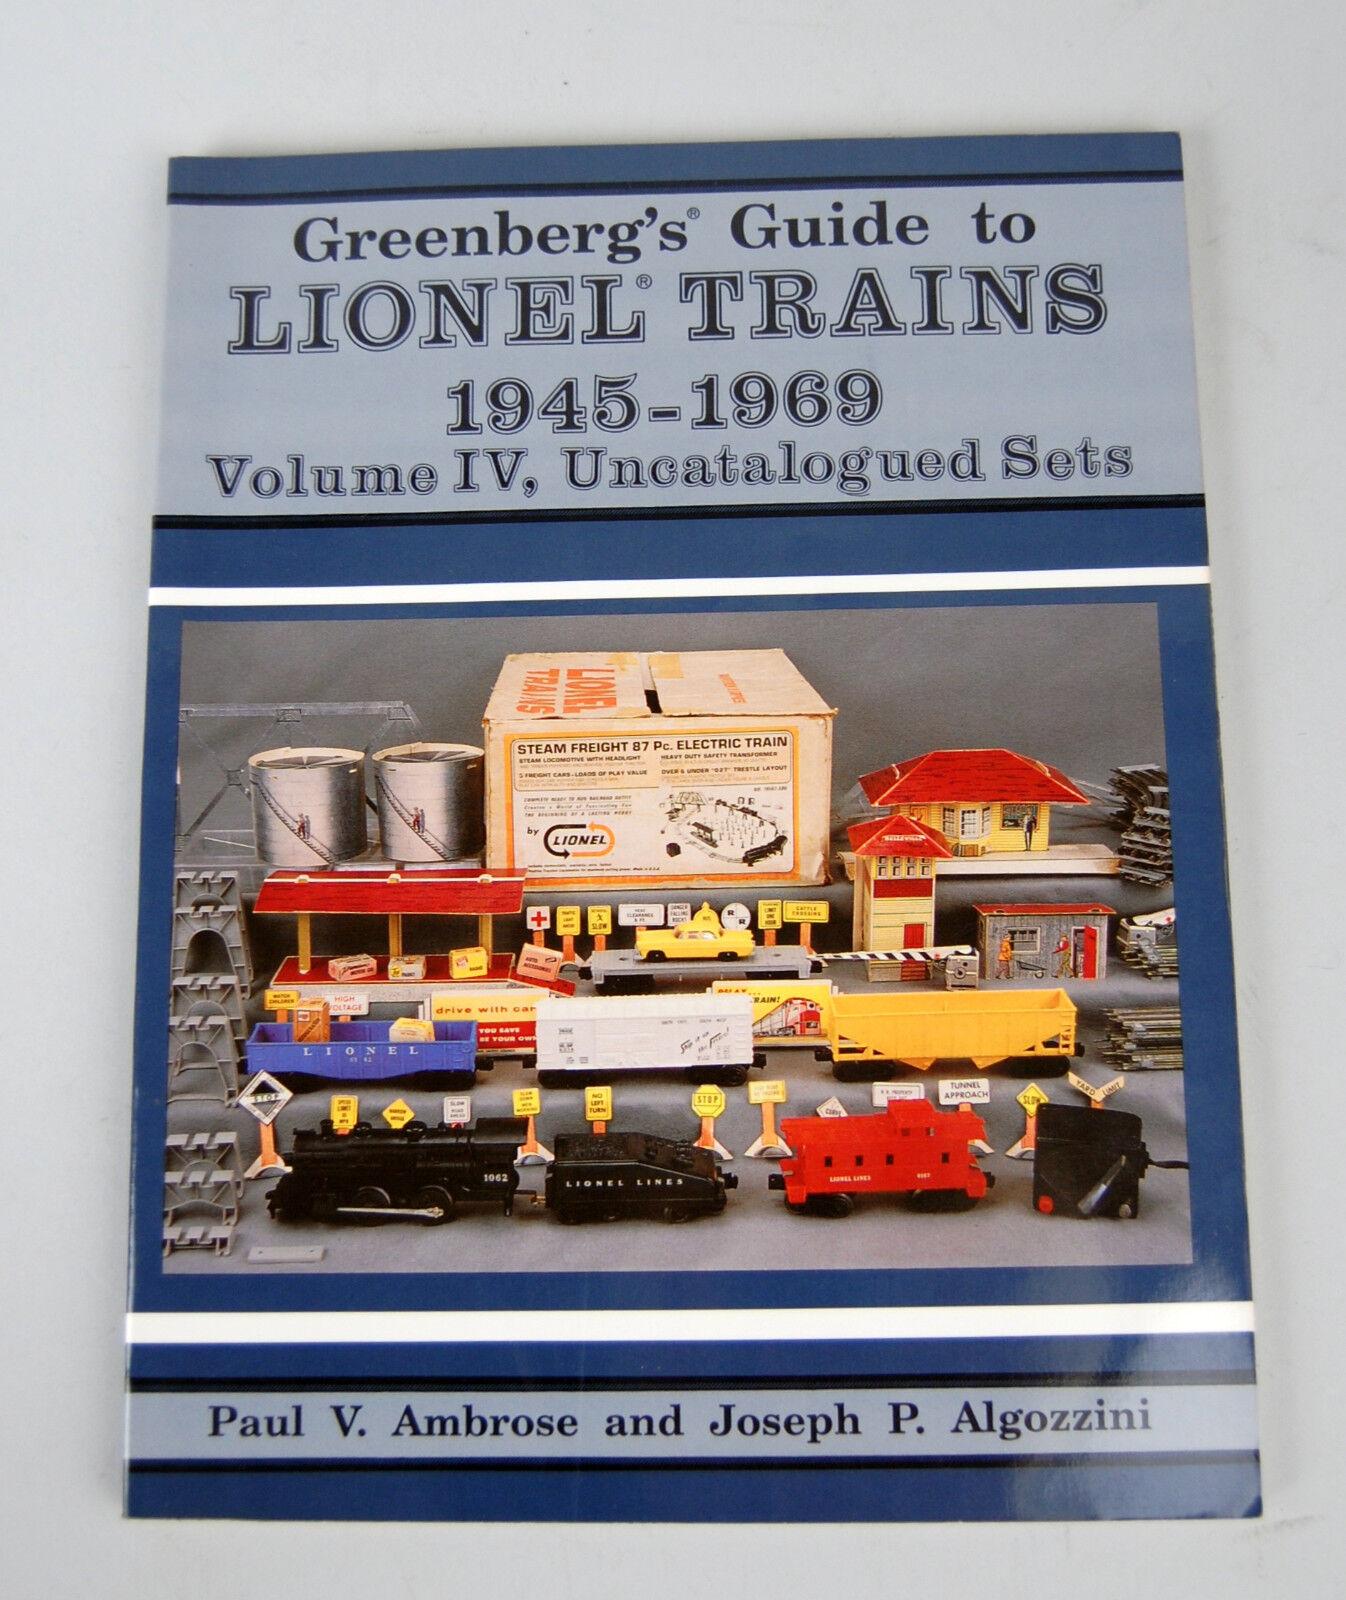 Greenberg's Guide Lionel Trains 1945-1969 Vol IV Uncatalogued Sets Ambpink 1992